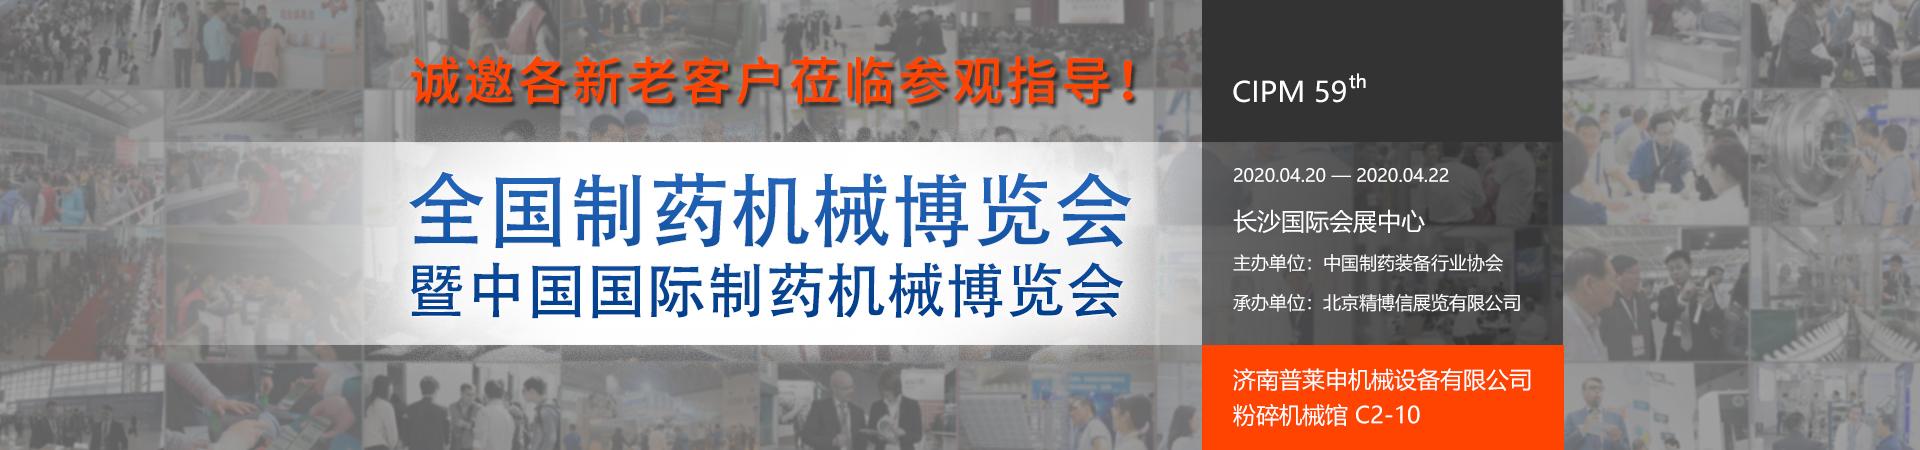 普莱申参加东北亚中医药博览会